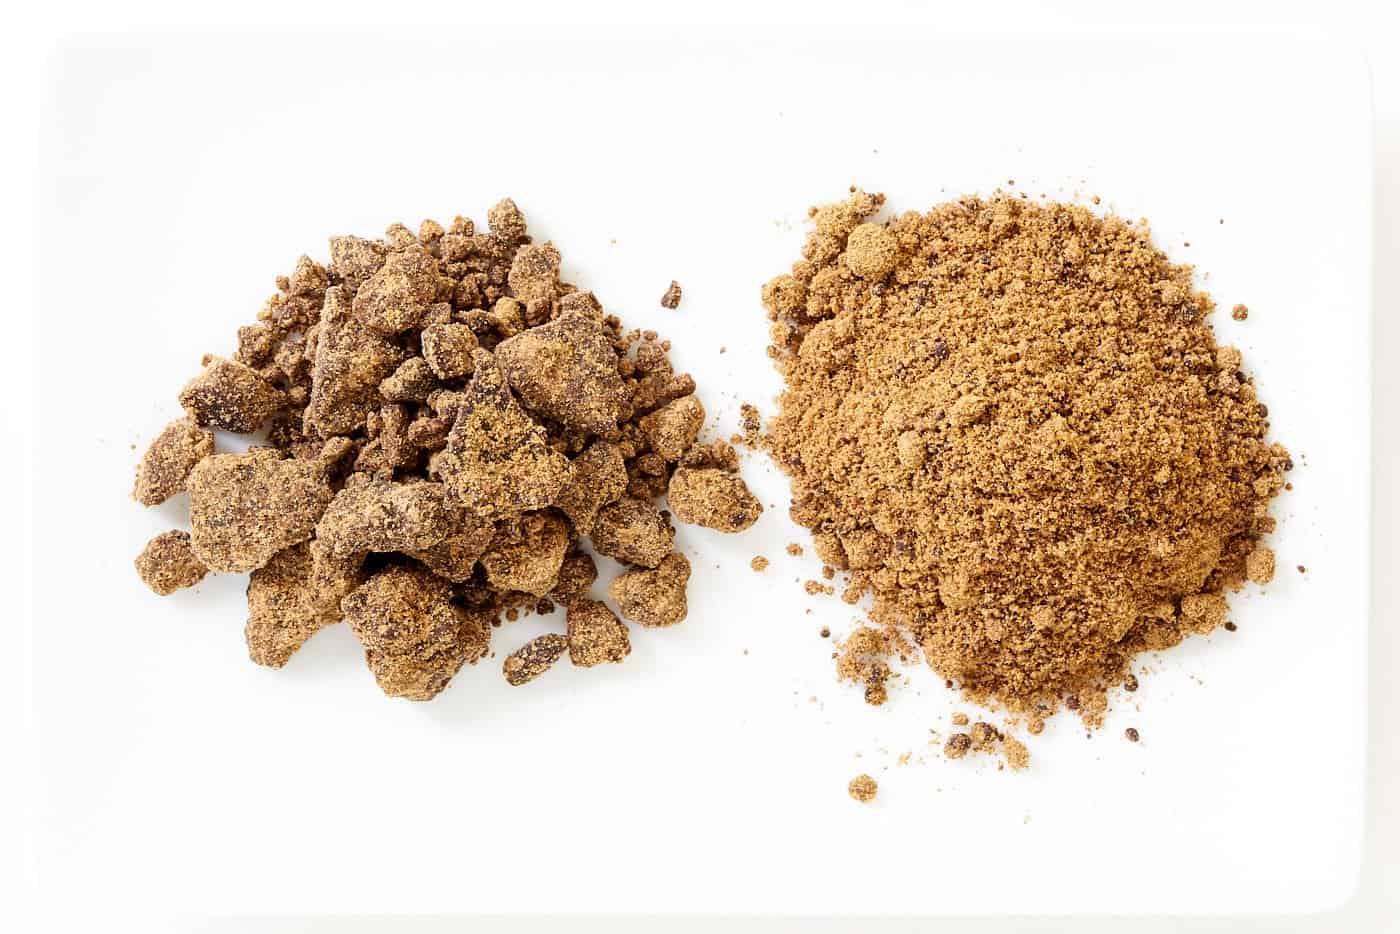 Kokutou unrefined sugar for making kuromitsu (black syrup).